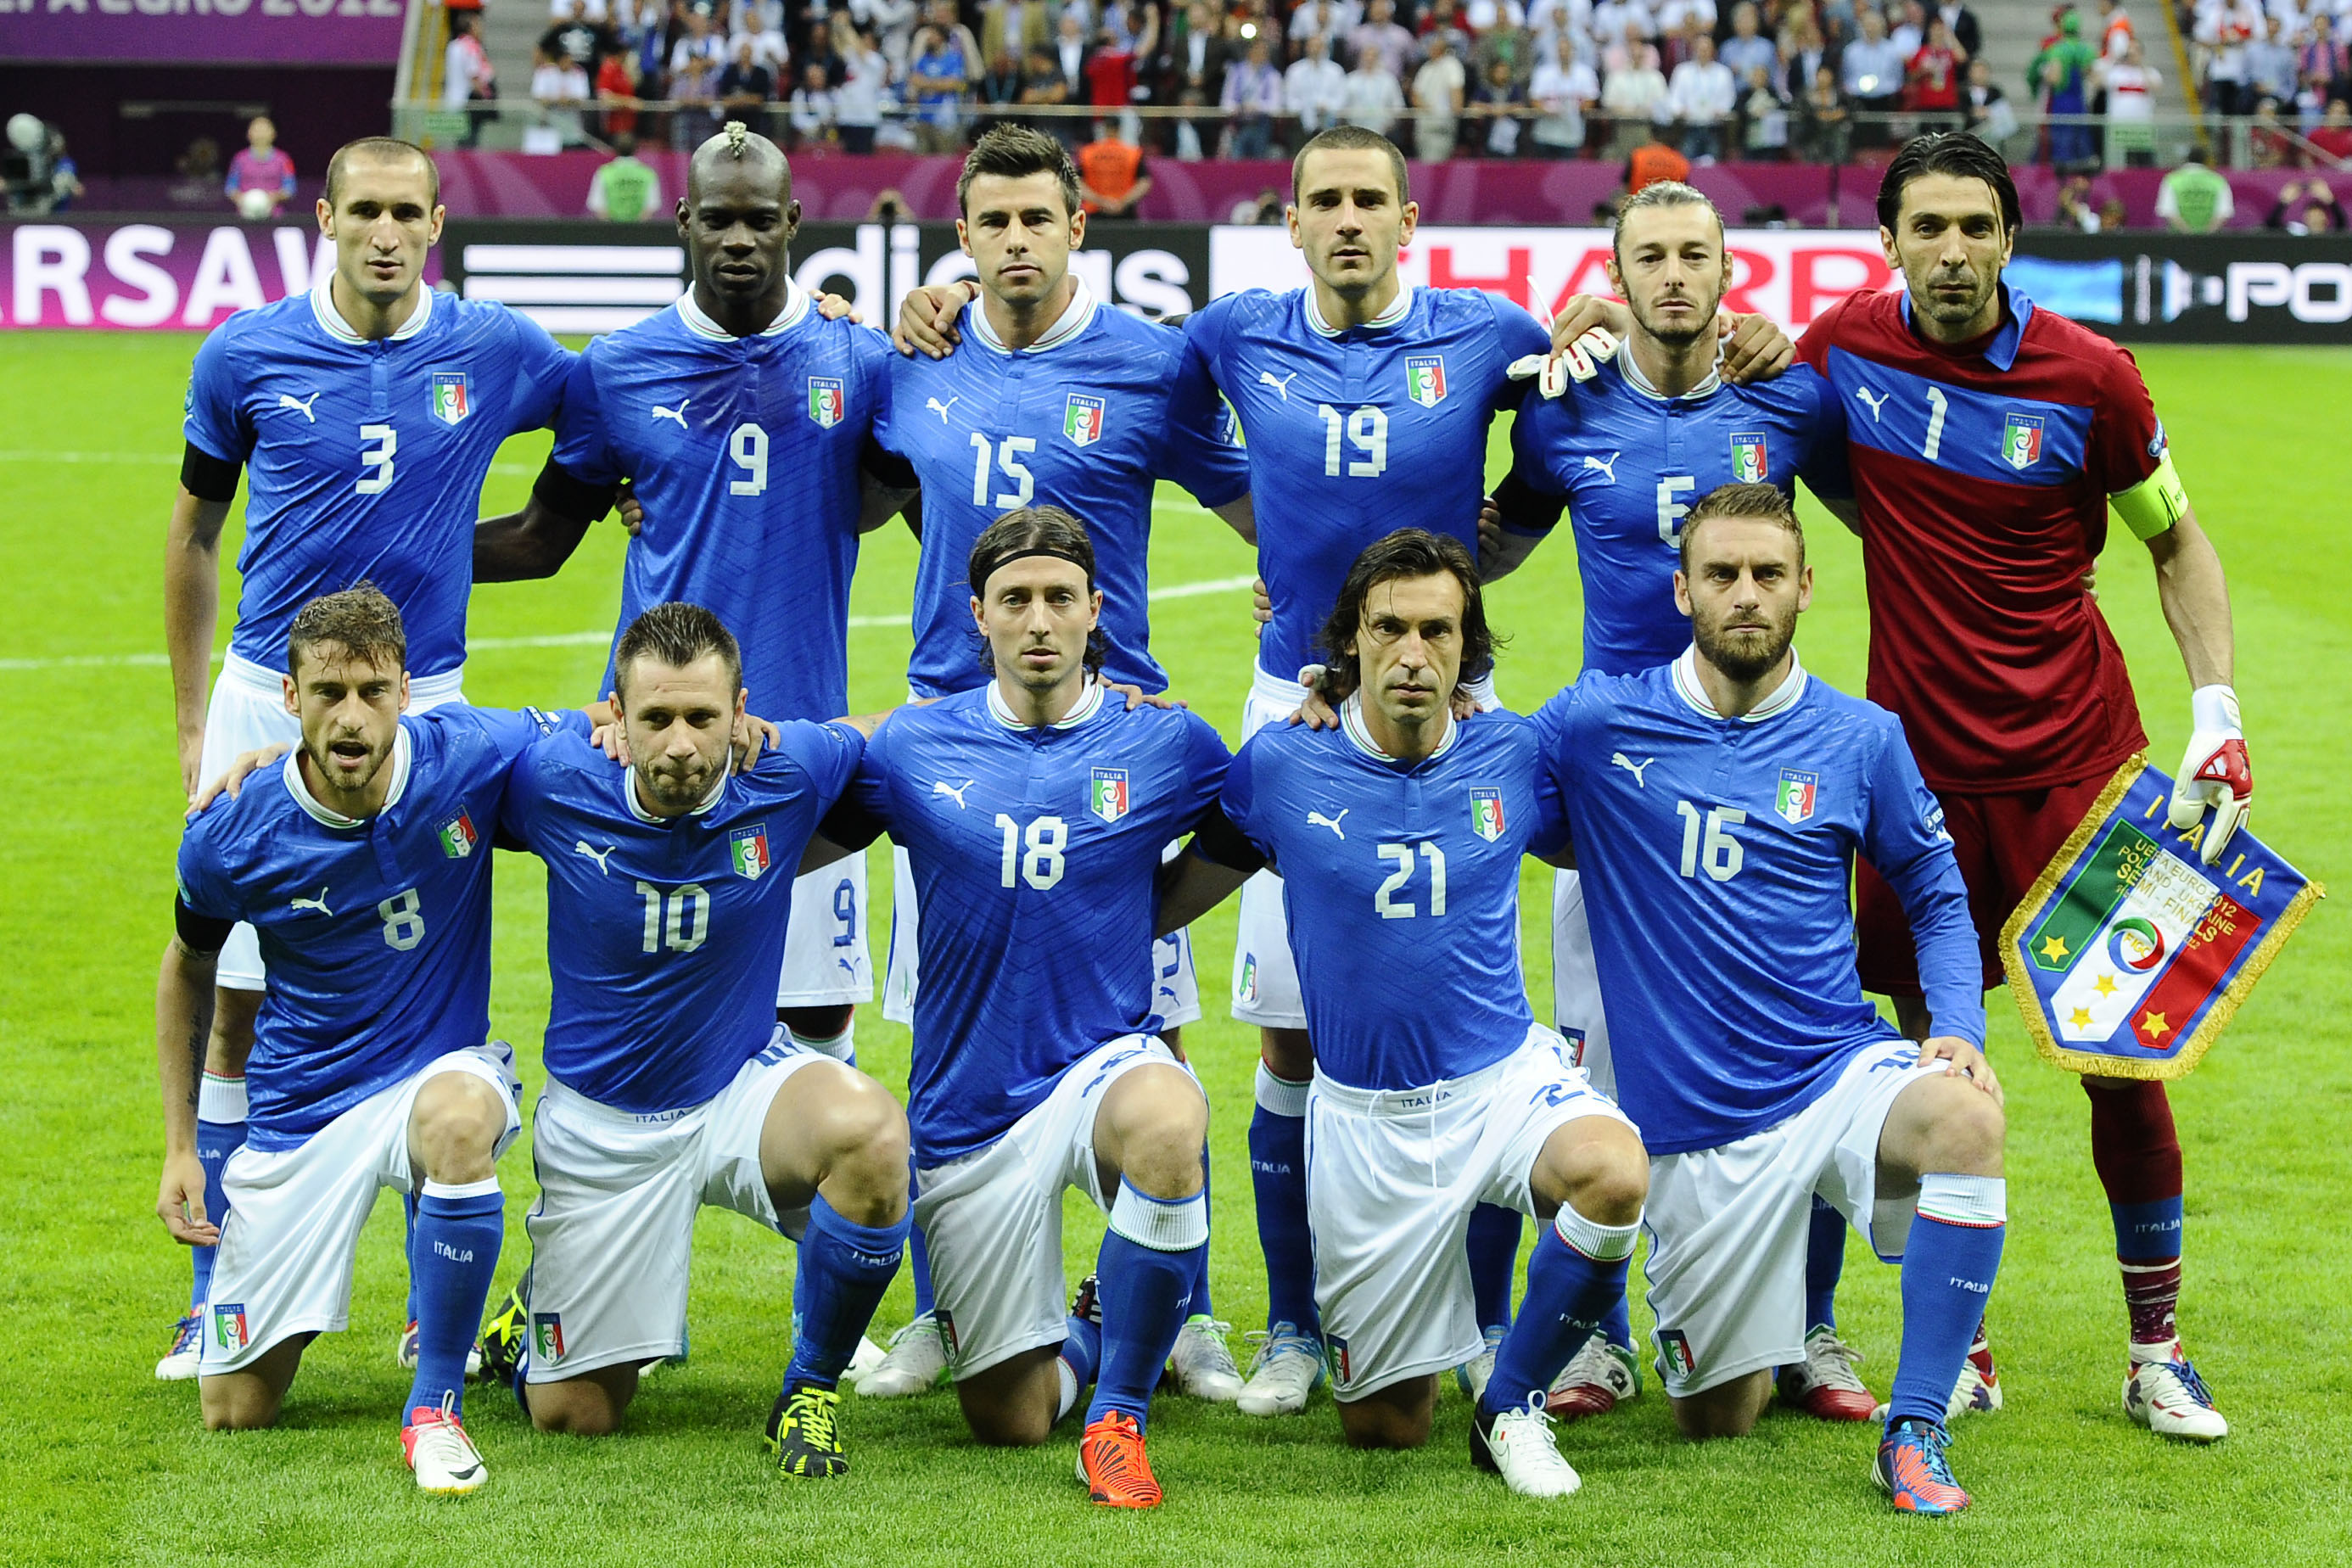 Les chiffres apr s allemagne italie journal de l 39 euro - Italie foot coupe du monde ...